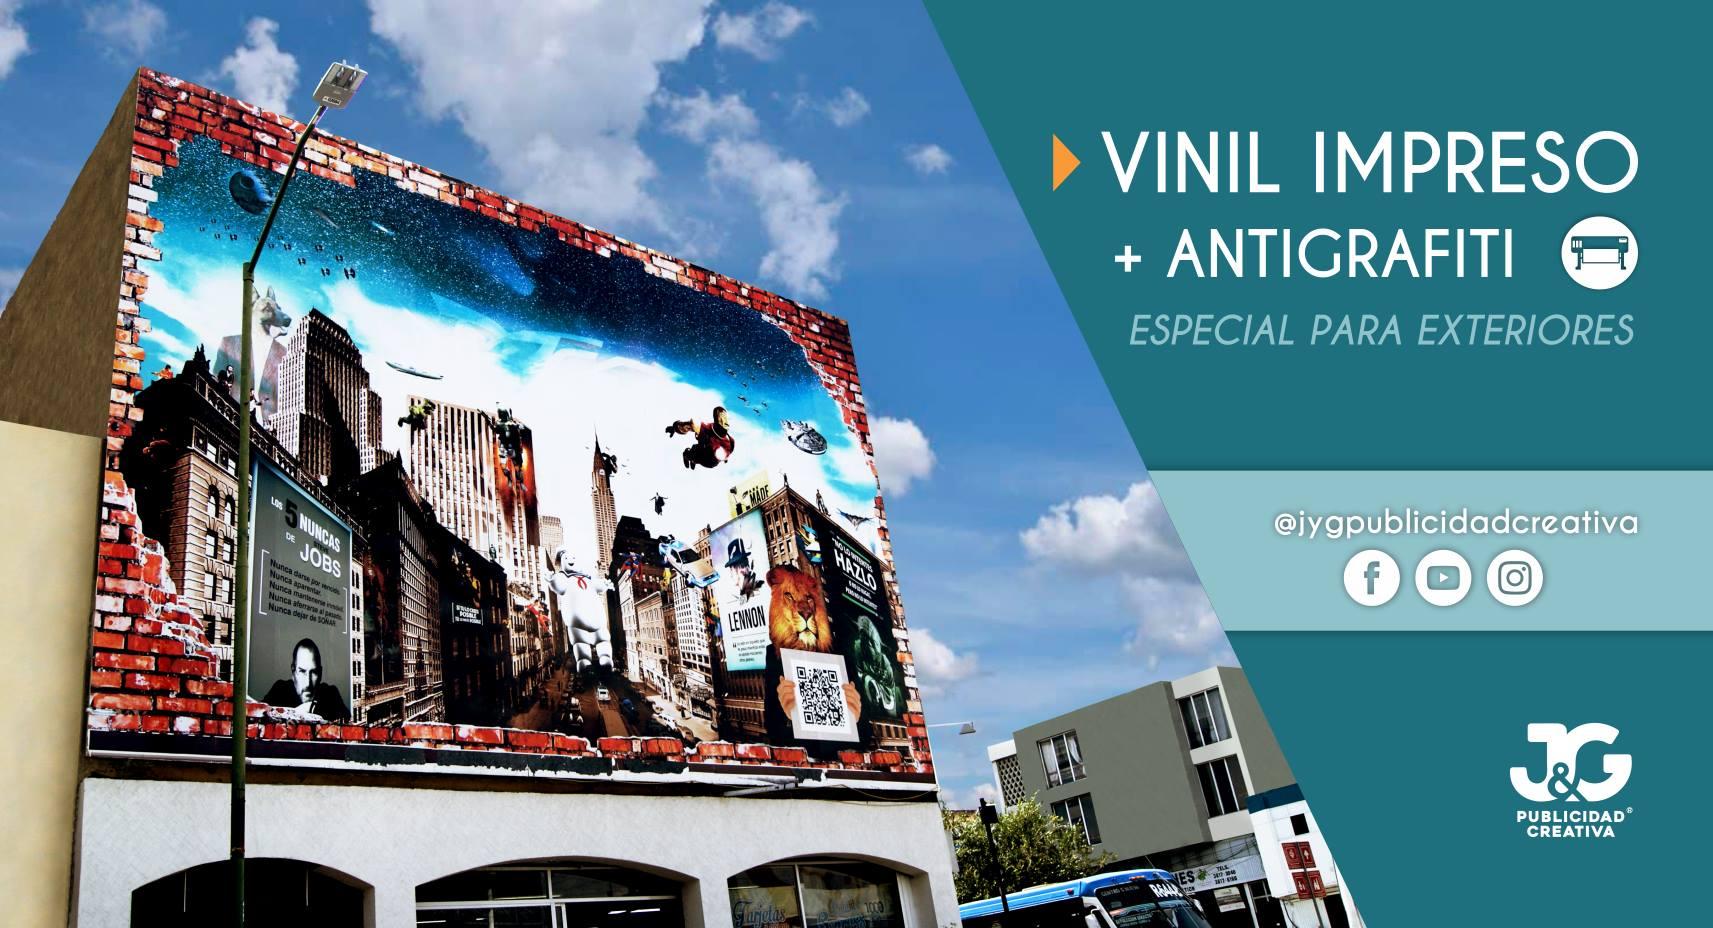 Vinil impreso + Antigraffiti